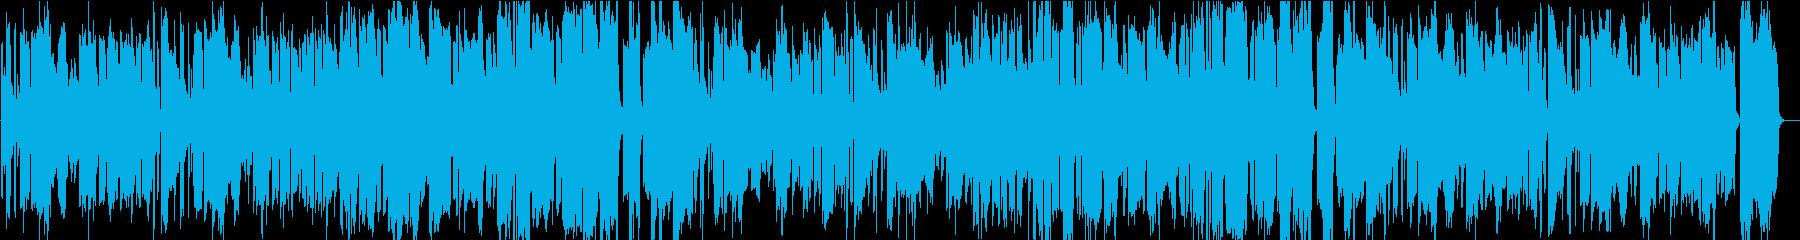 サックス、バラード/静かめの再生済みの波形